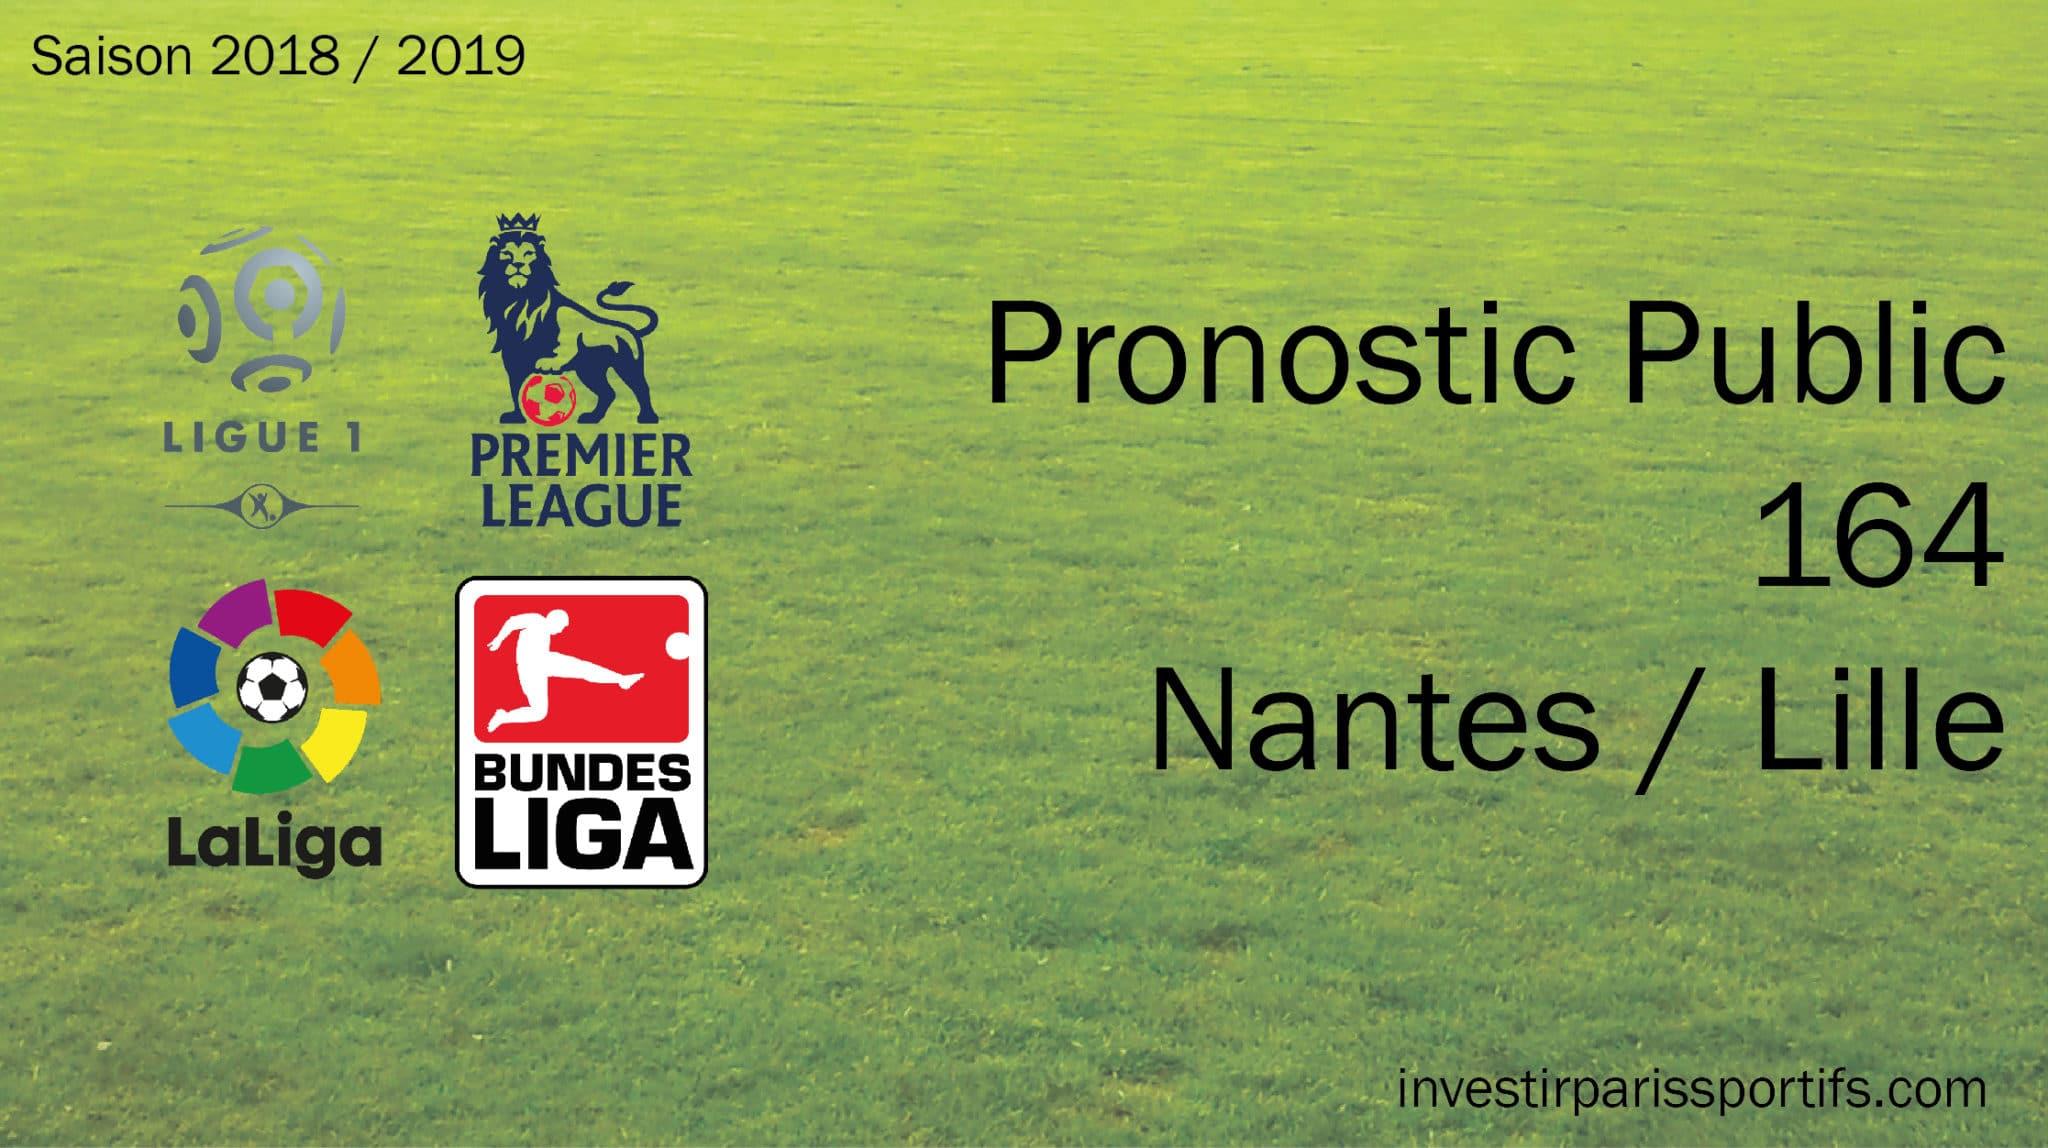 [VIP-></noscript></noscript>Public] Pronostic 164 – Nantes / Lille – Ligue 1